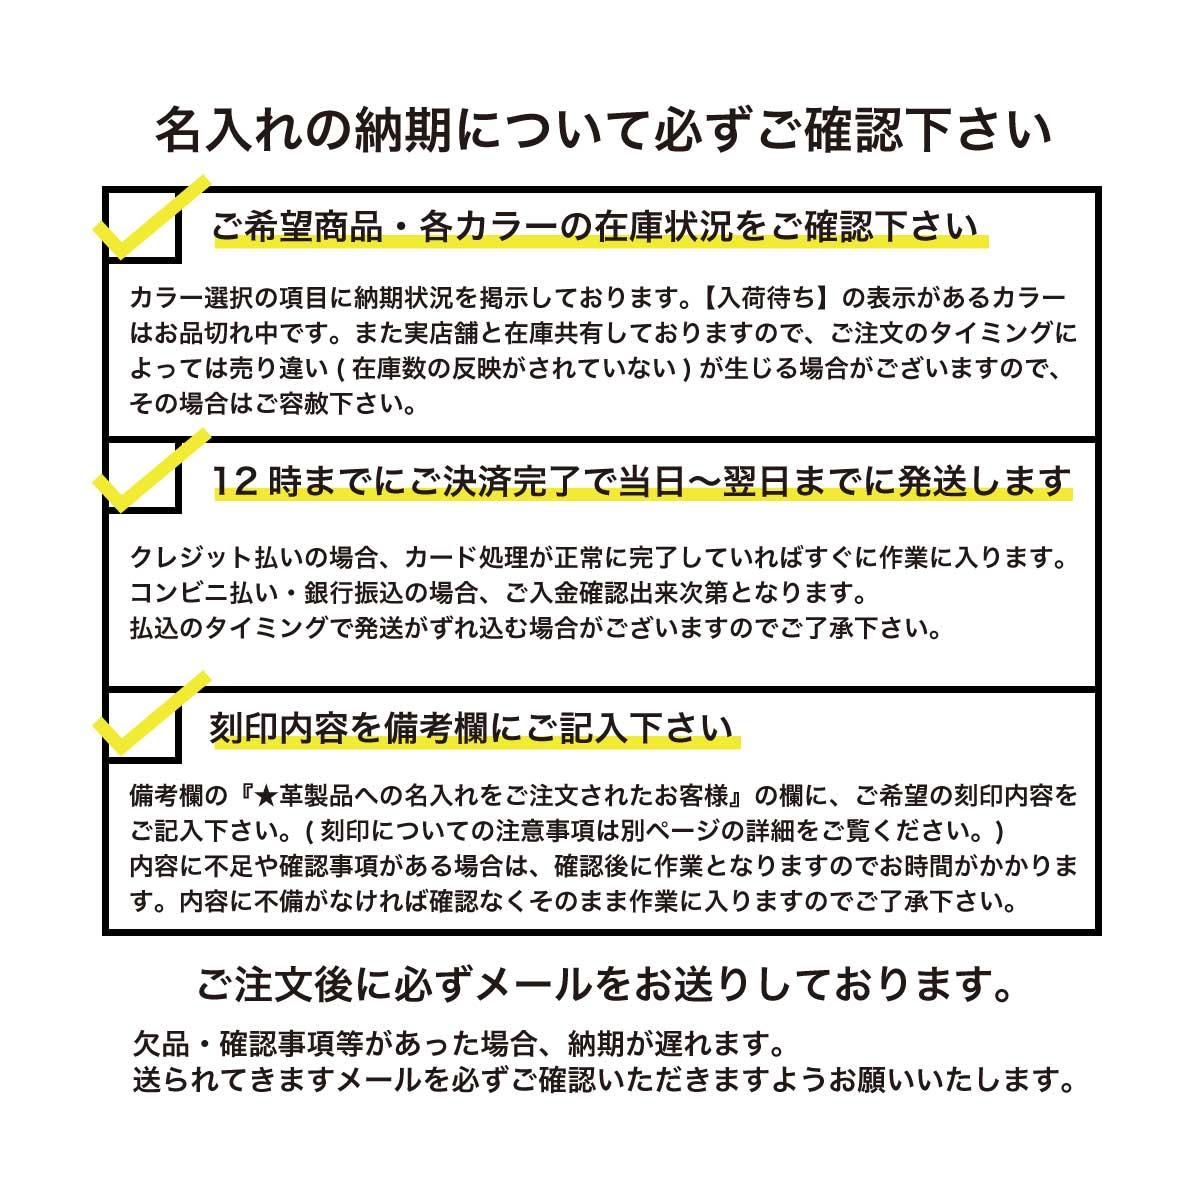 レザートレー・レザートレイ(長方形)